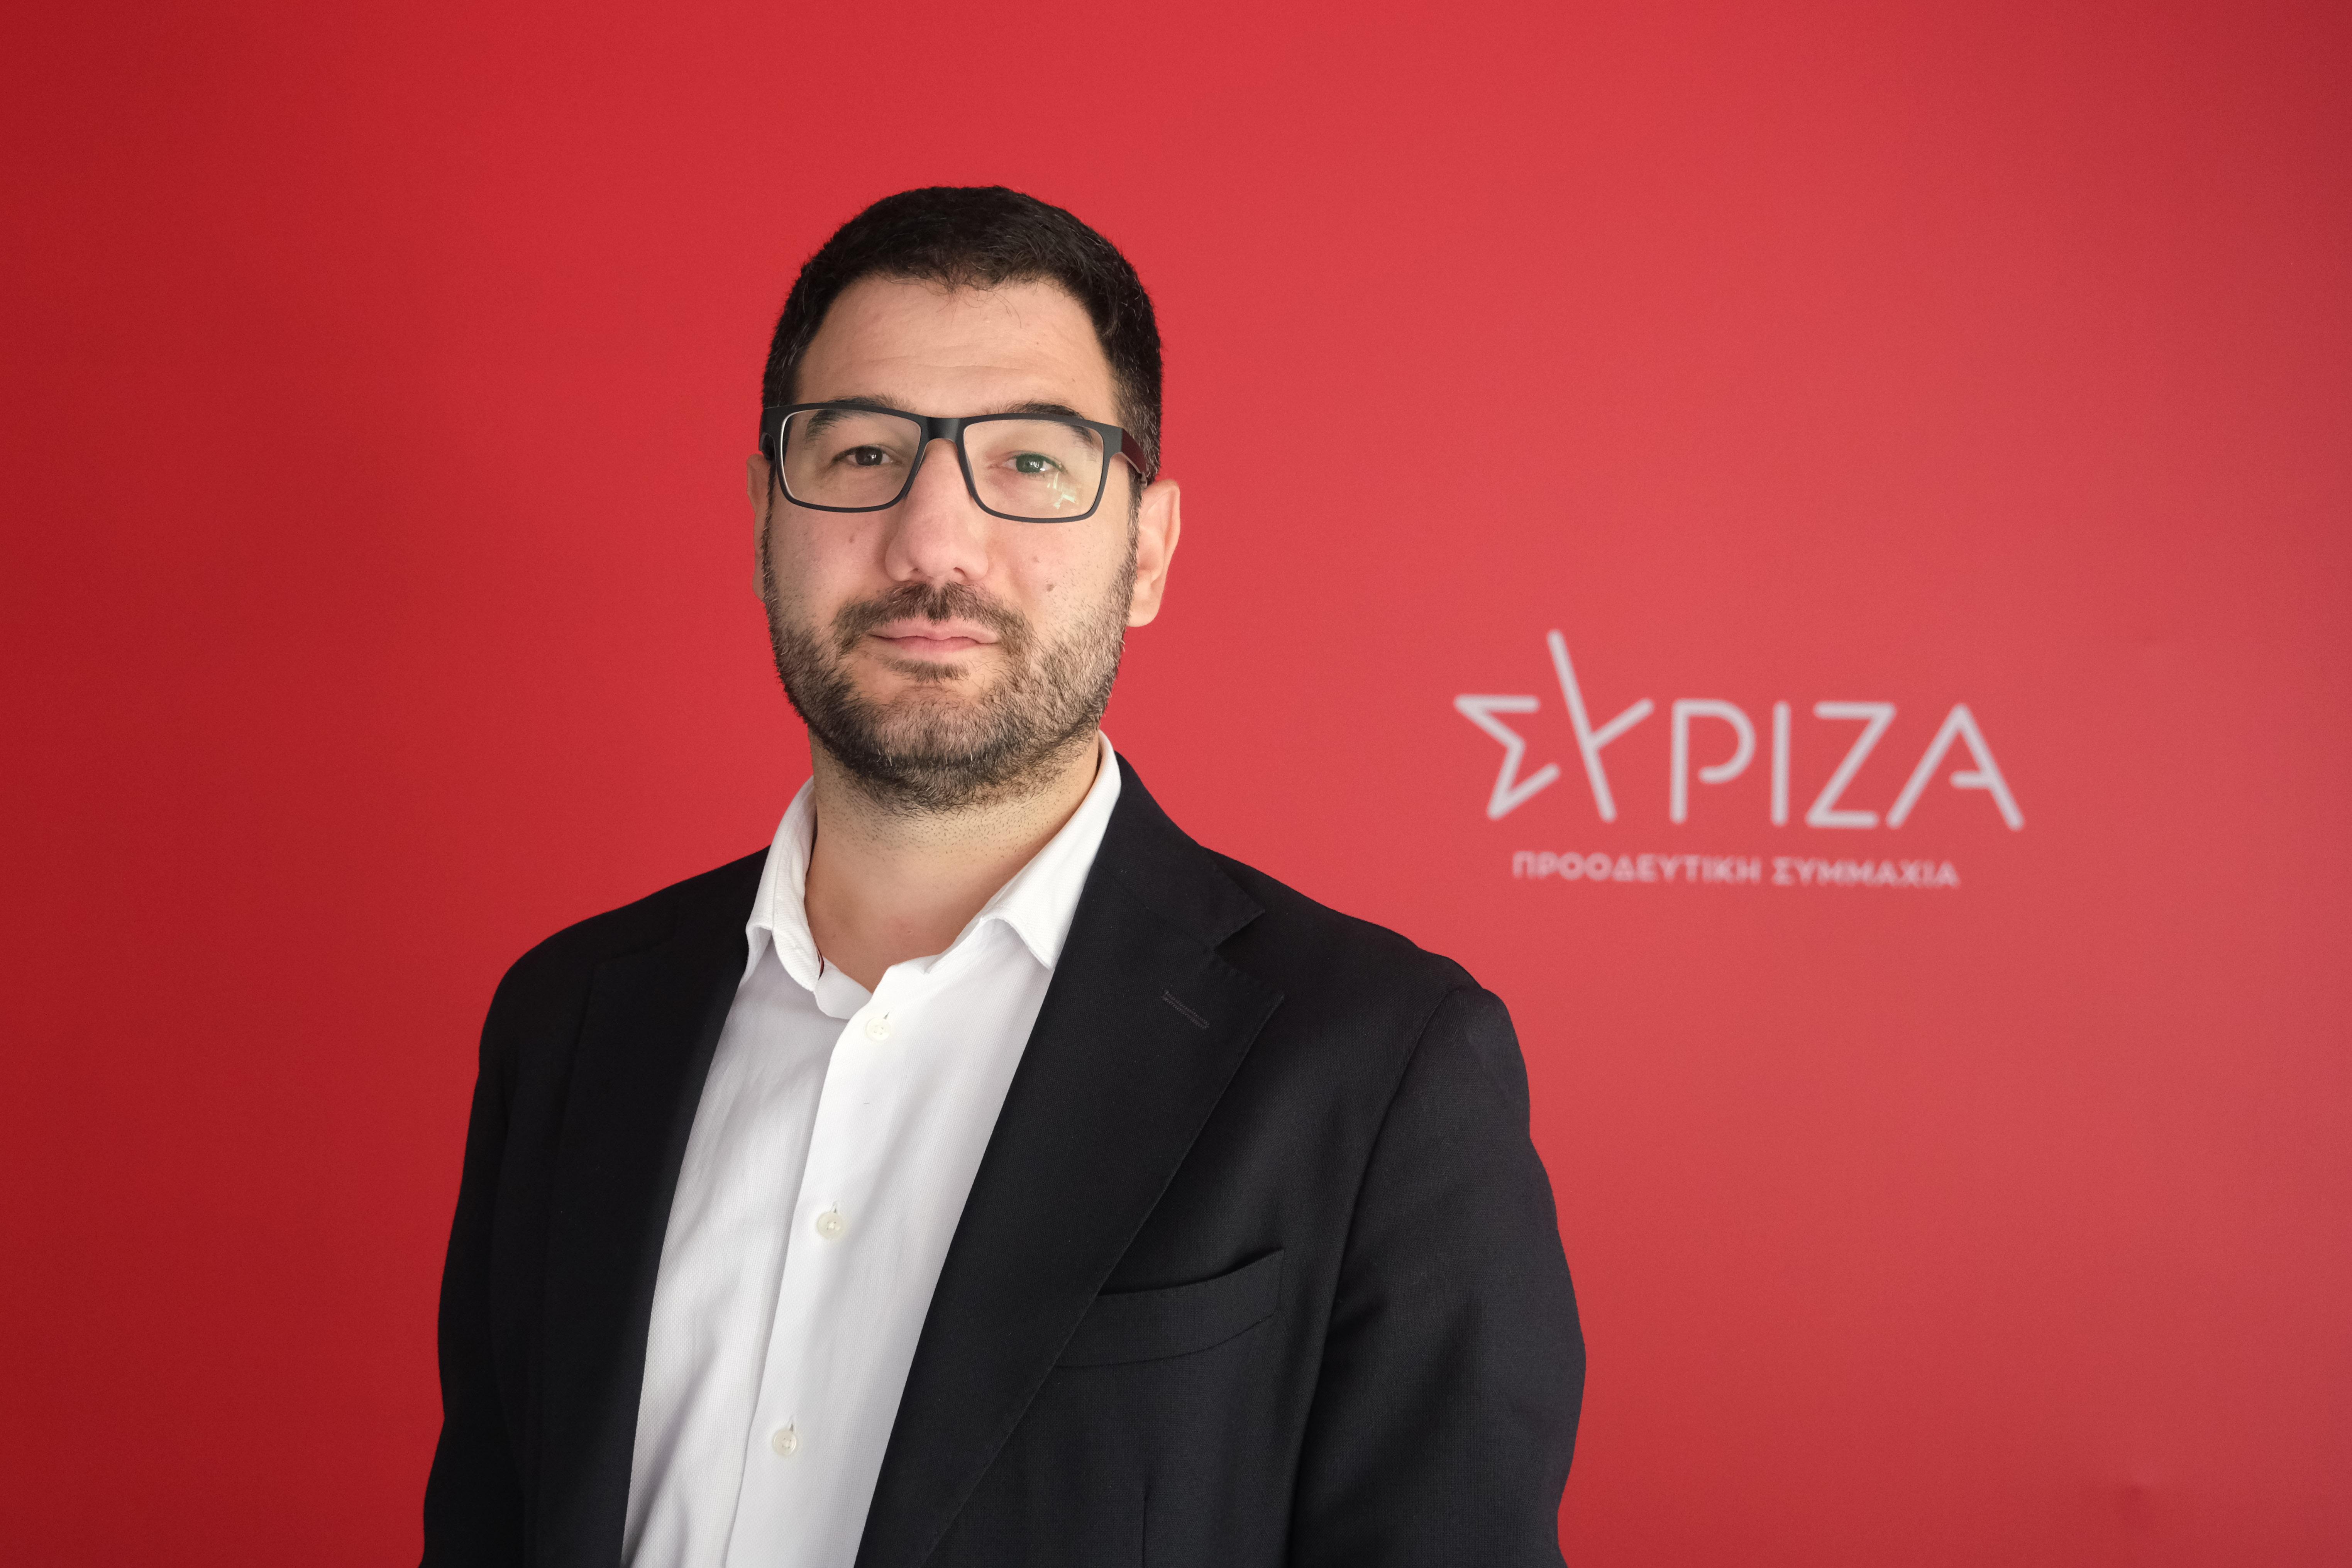 Ν.Ηλιόπουλος: «Εγκληματικές οι ευθύνες της κυβέρνησης απέναντι στην πανδημία - Βρισκόμαστε μπροστά στον κίνδυνο κοινωνικής χρεοκοπίας»